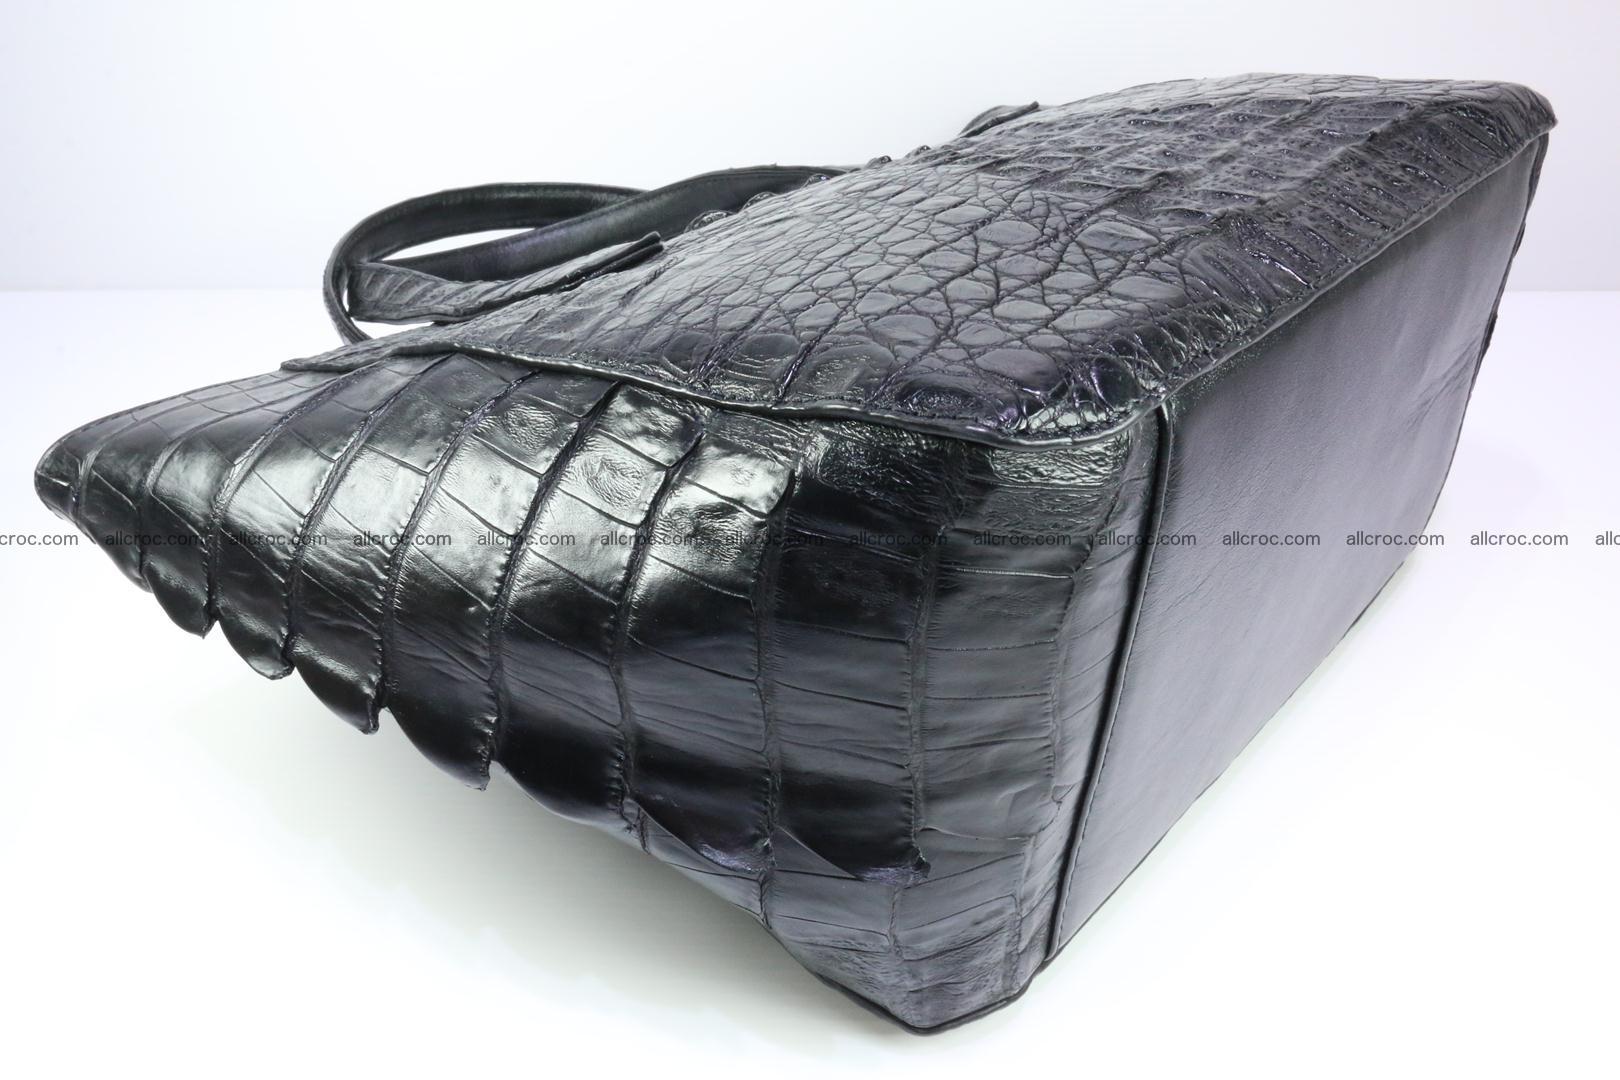 Genuine crocodile women's handbag 060 Foto 10